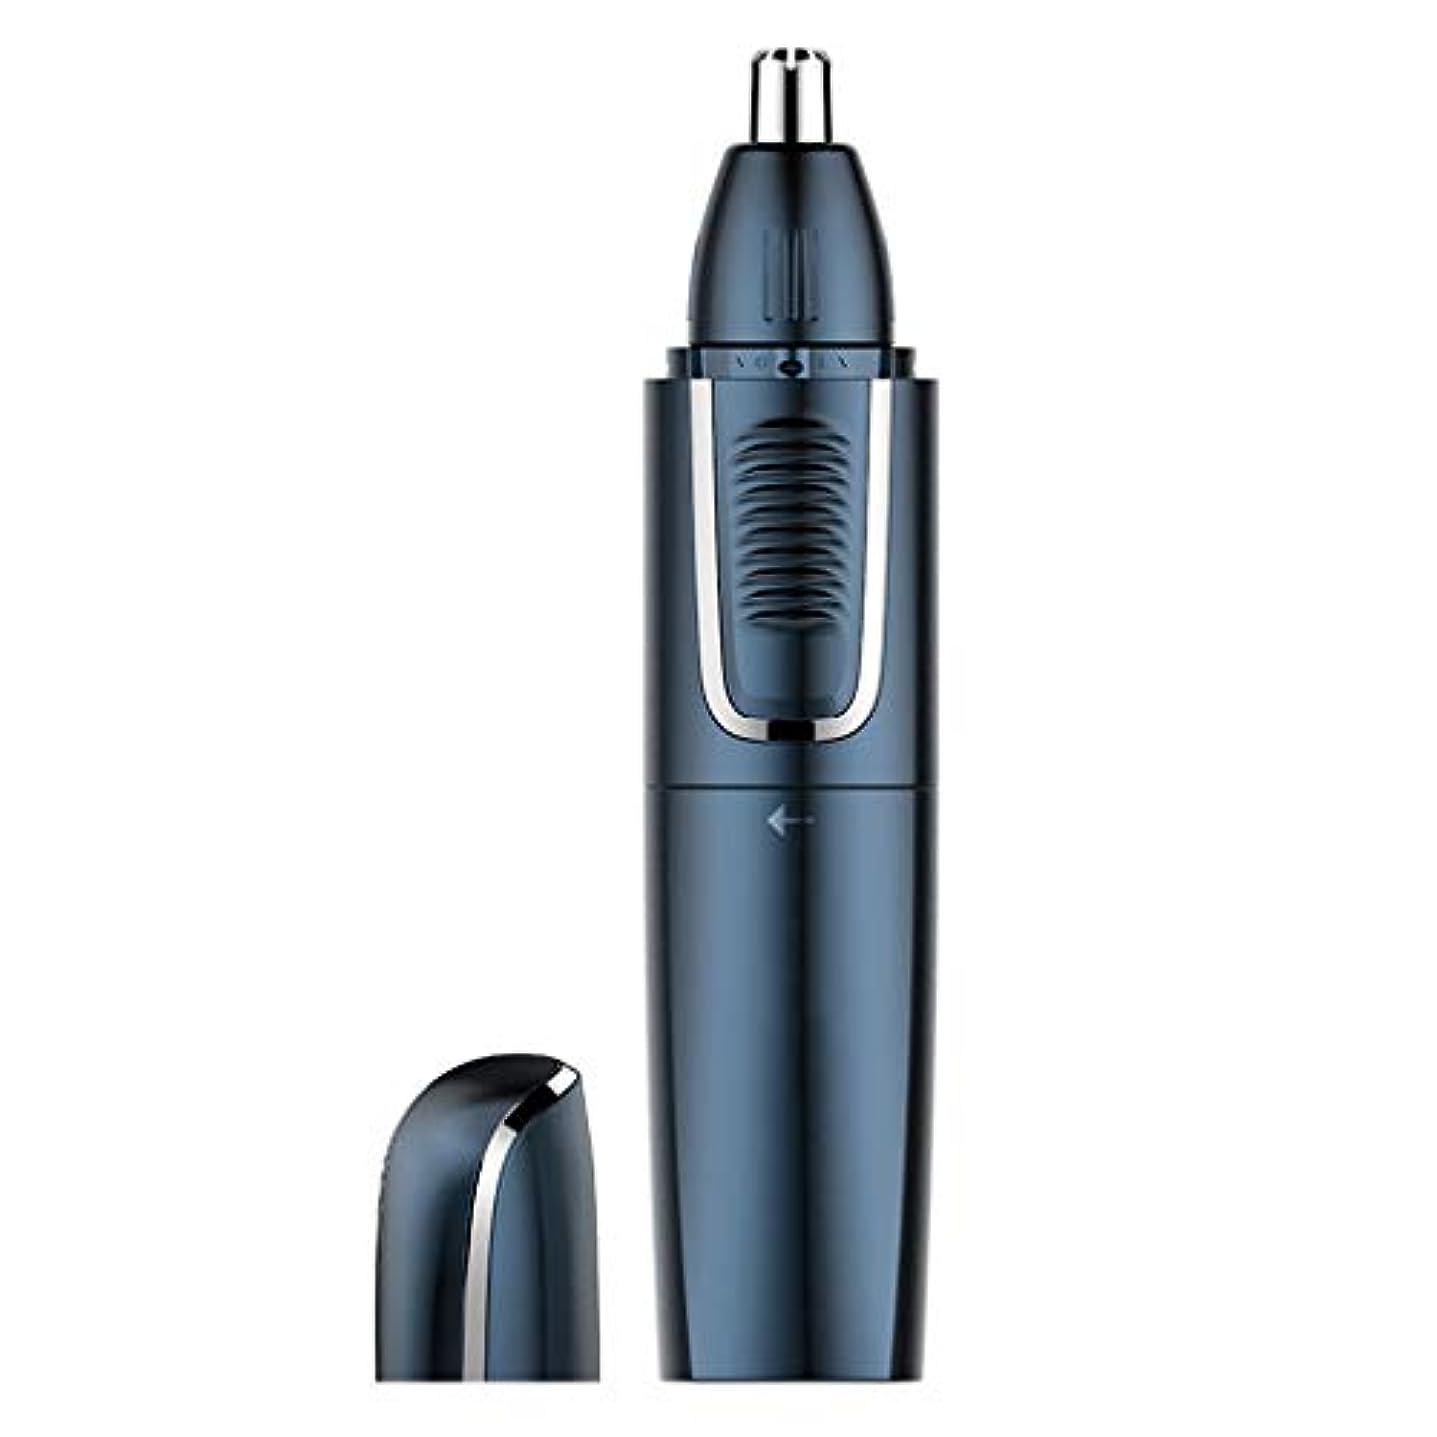 ライター歯車恐怖ノーズヘアトリマー、スリーインワントリマー、USB充電式防水ネットトリムヘッドアンチクリップは鼻腔を傷つけません、男性と女性用